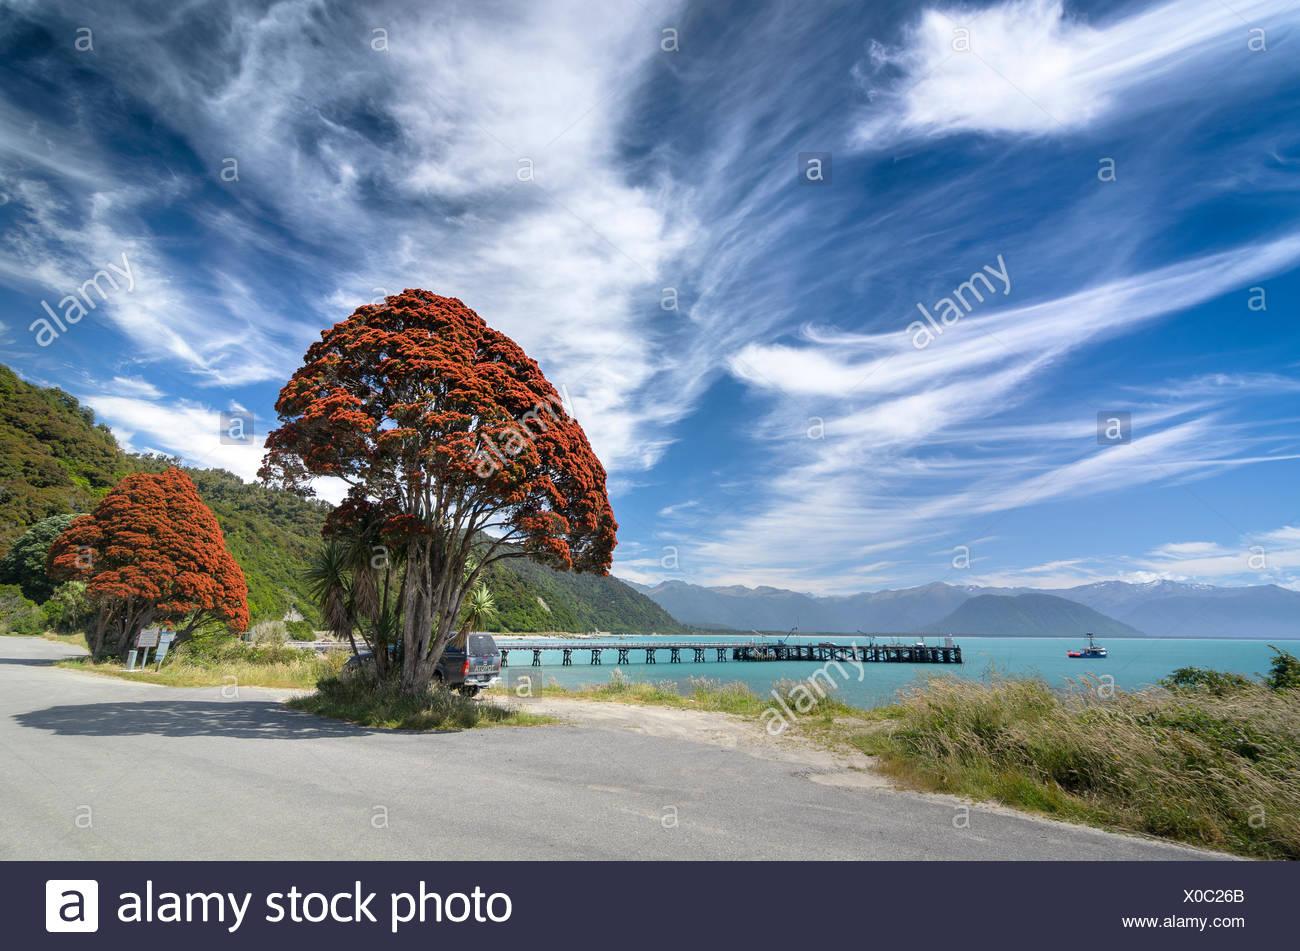 Floración roja del árbol de Navidad de Nueva Zelanda (Metrosideros tomentosa), con el cielo nublado, Jackson Bay, en la costa oeste de Tasmania, Imagen De Stock